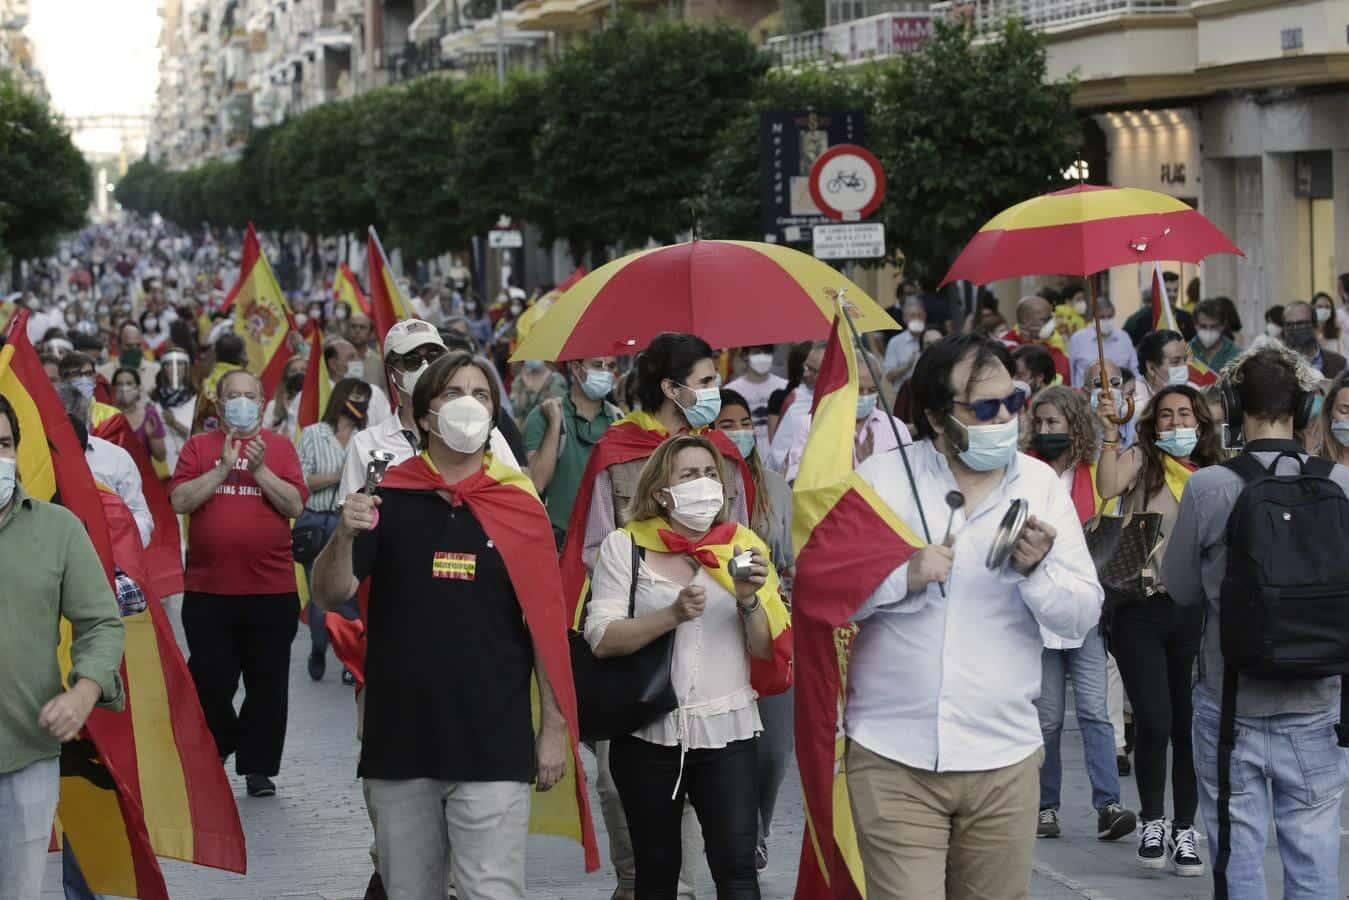 اتساع رقعة الاحتجاجات ضد الحكومة الإسبانية